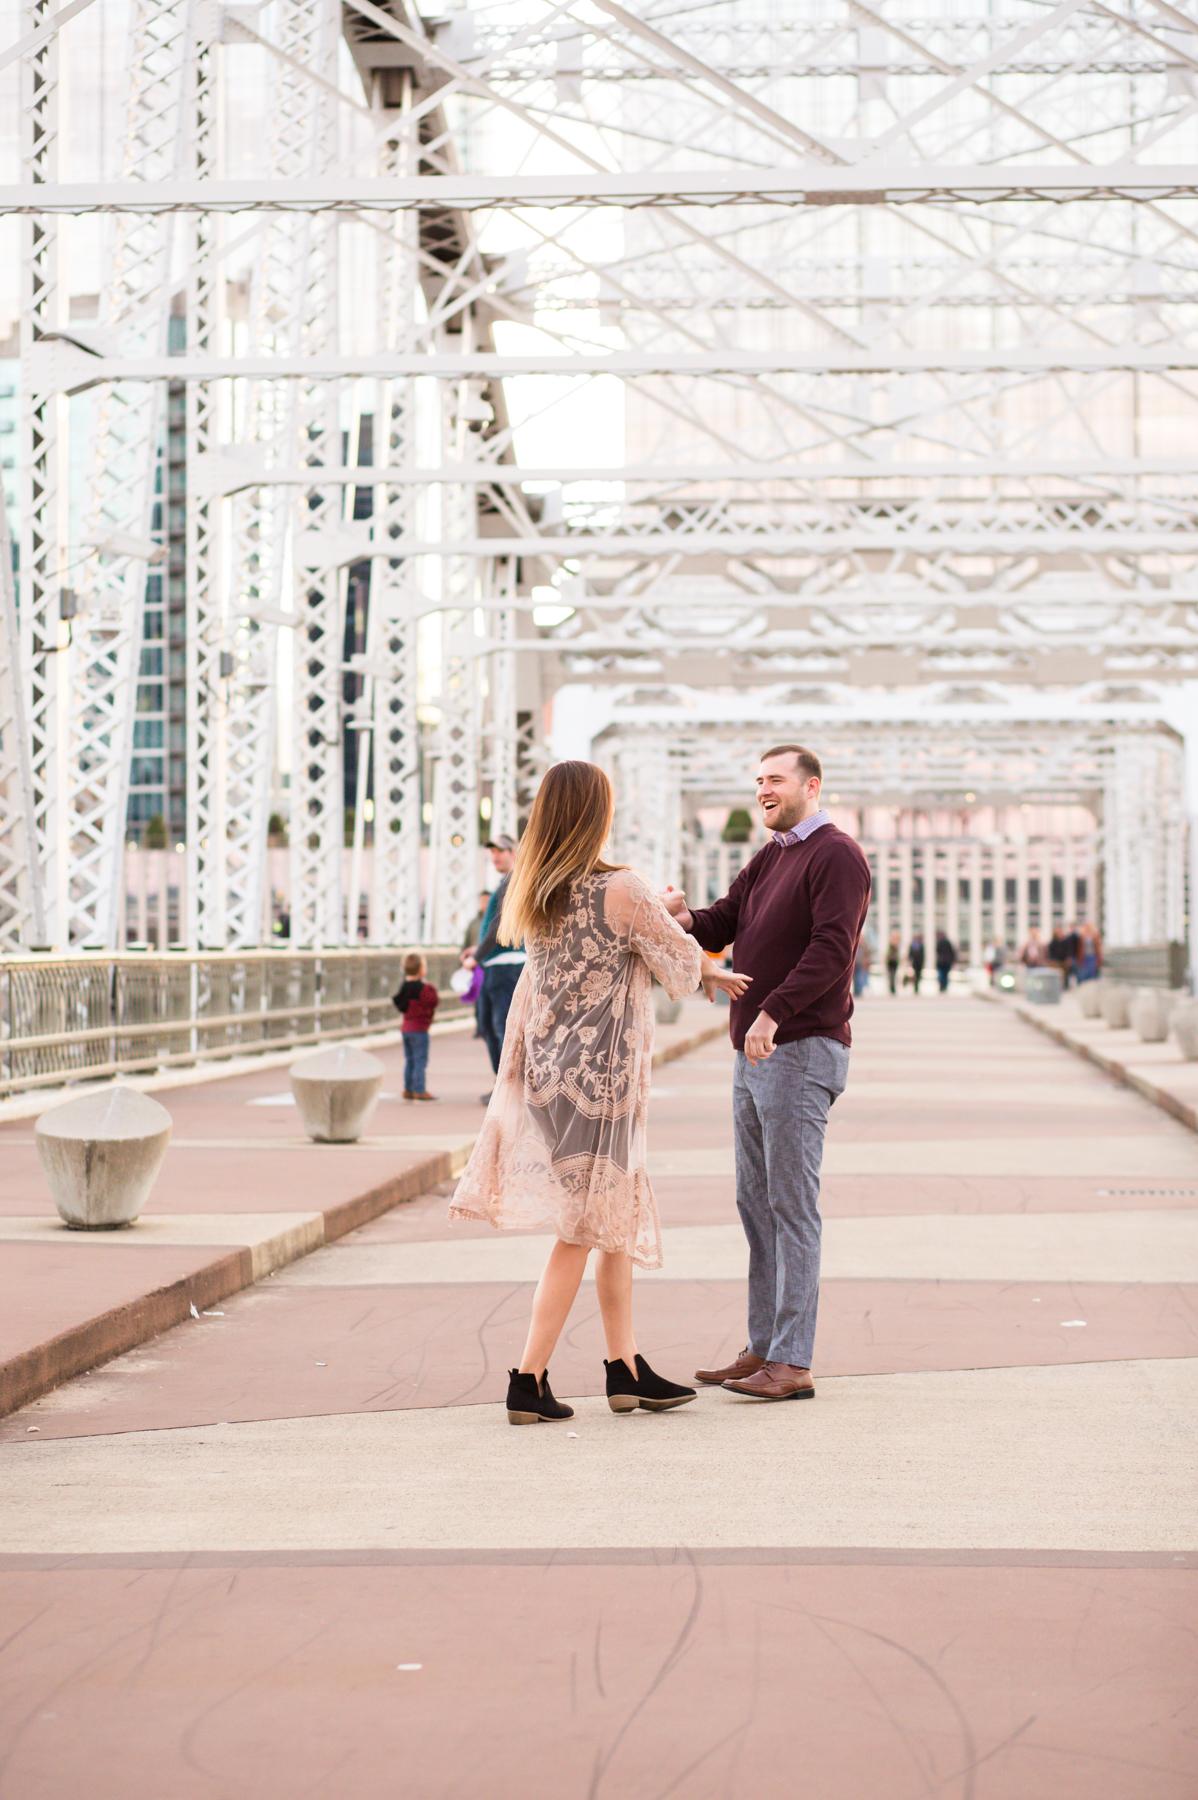 Lauren-and-Grant-Engagement-Centennial-Park-Nashville-Sneak-Peak-0069.jpg